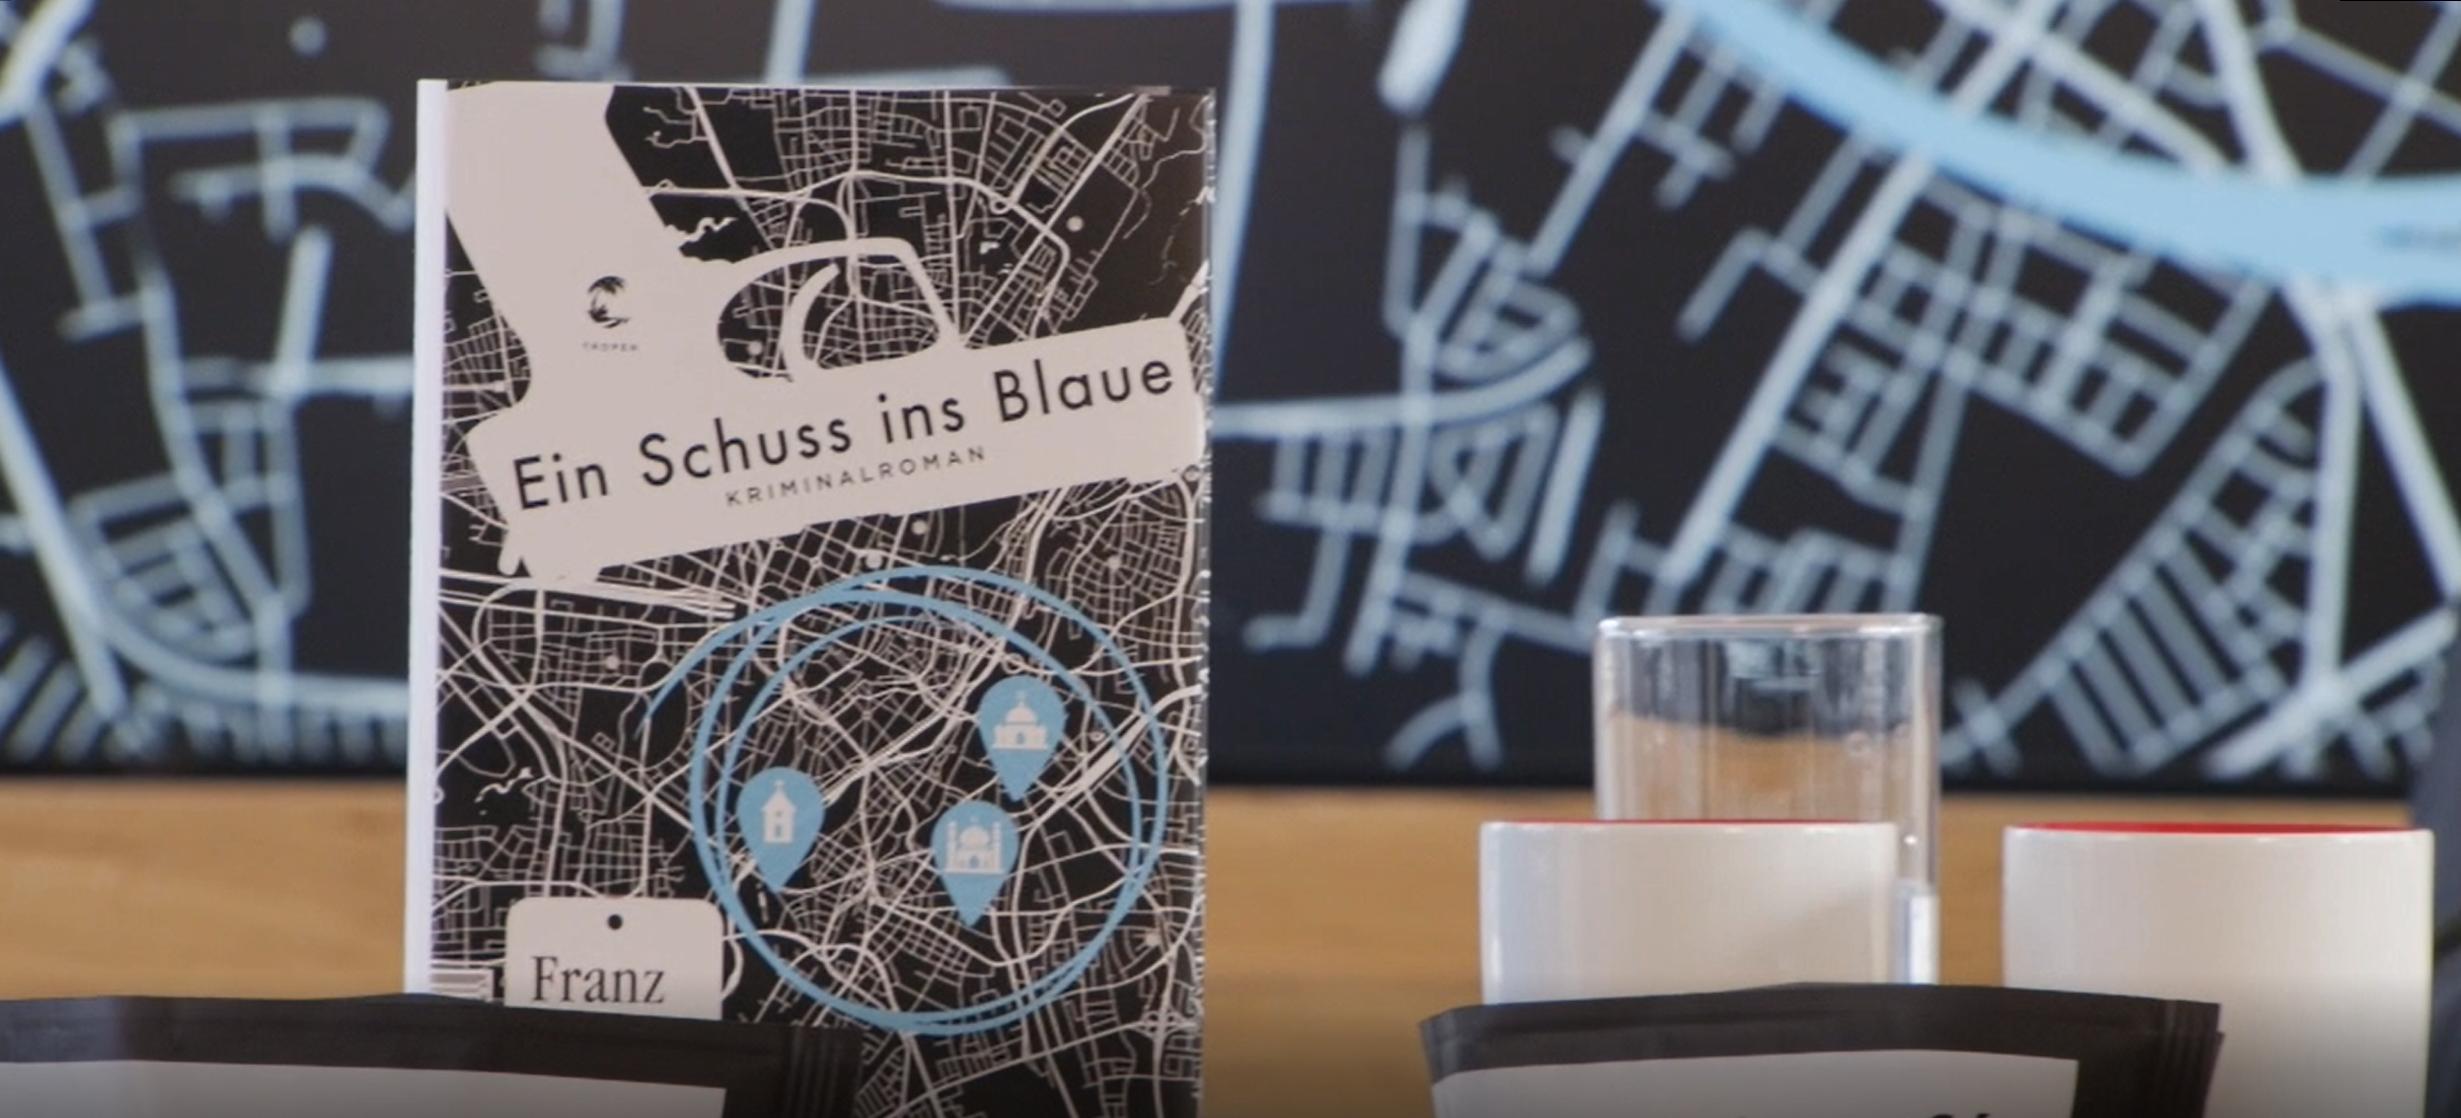 Kein Schuss ins Blaue: Virtuelle Premiere des metaKulturCafés mit dem Autor Franz Dobler